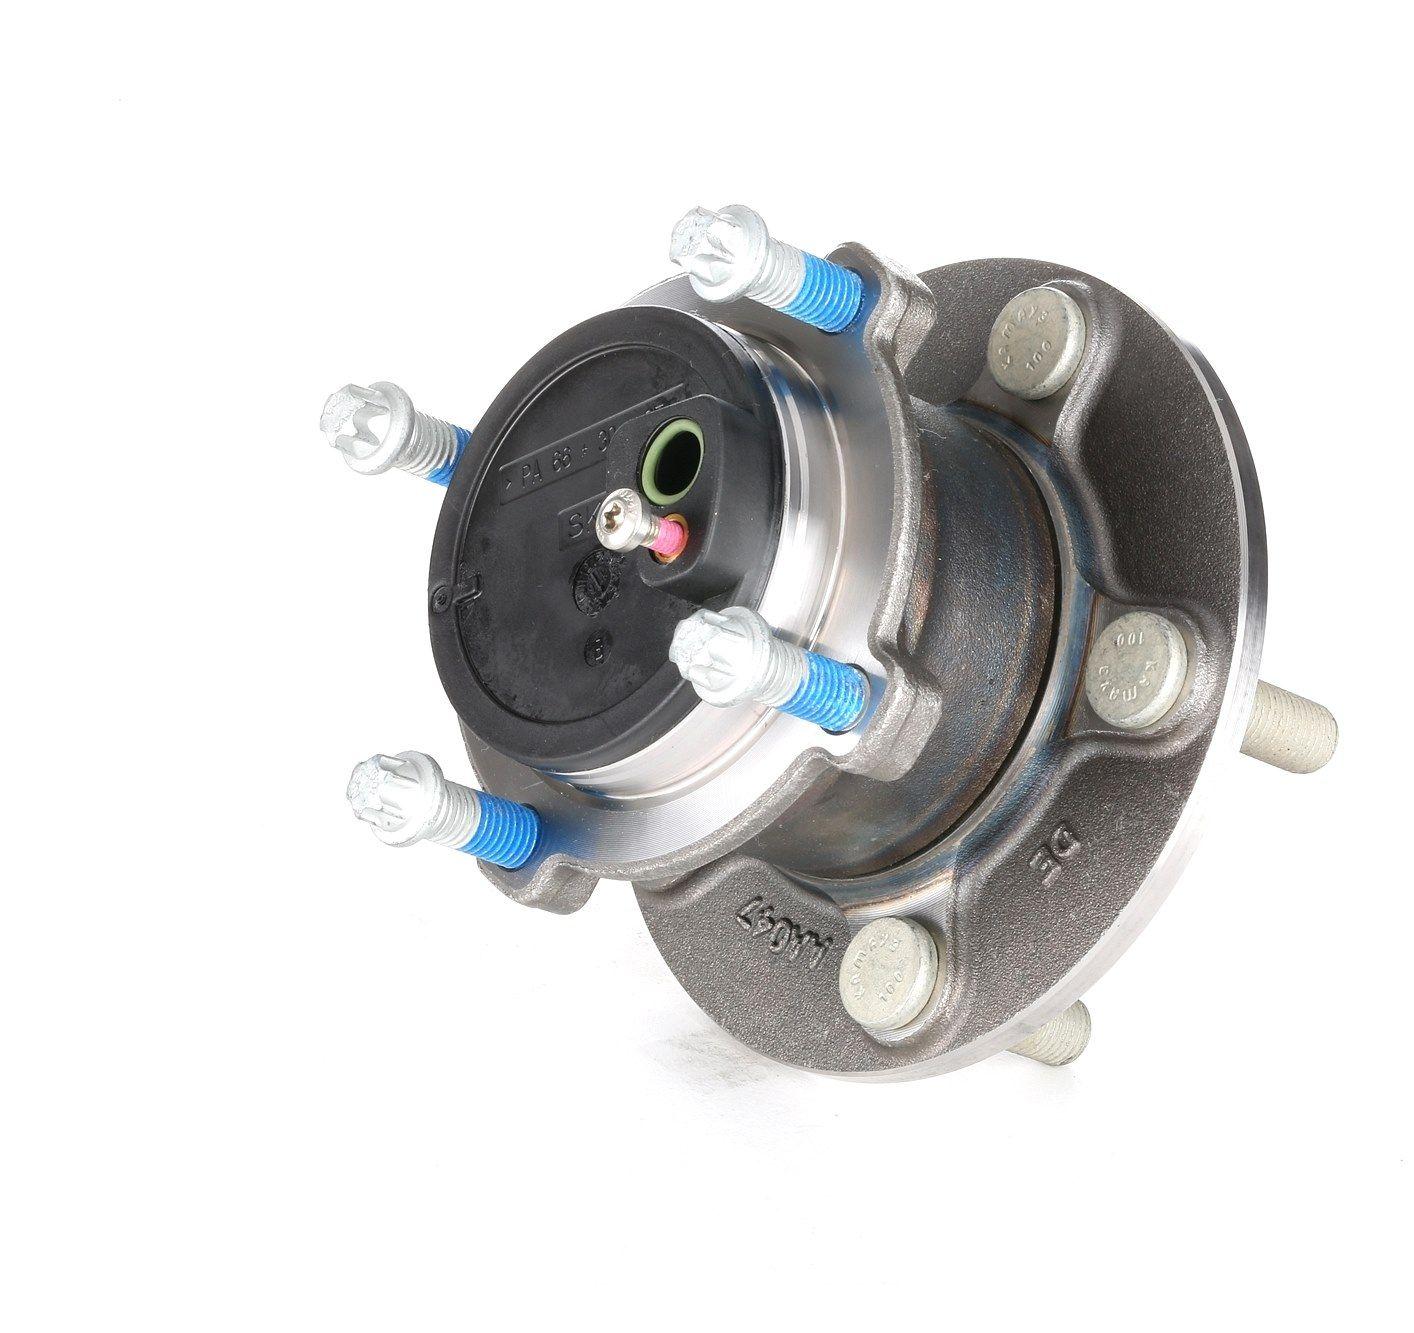 compre Kit rolamento roda VKBA 3661 a qualquer hora